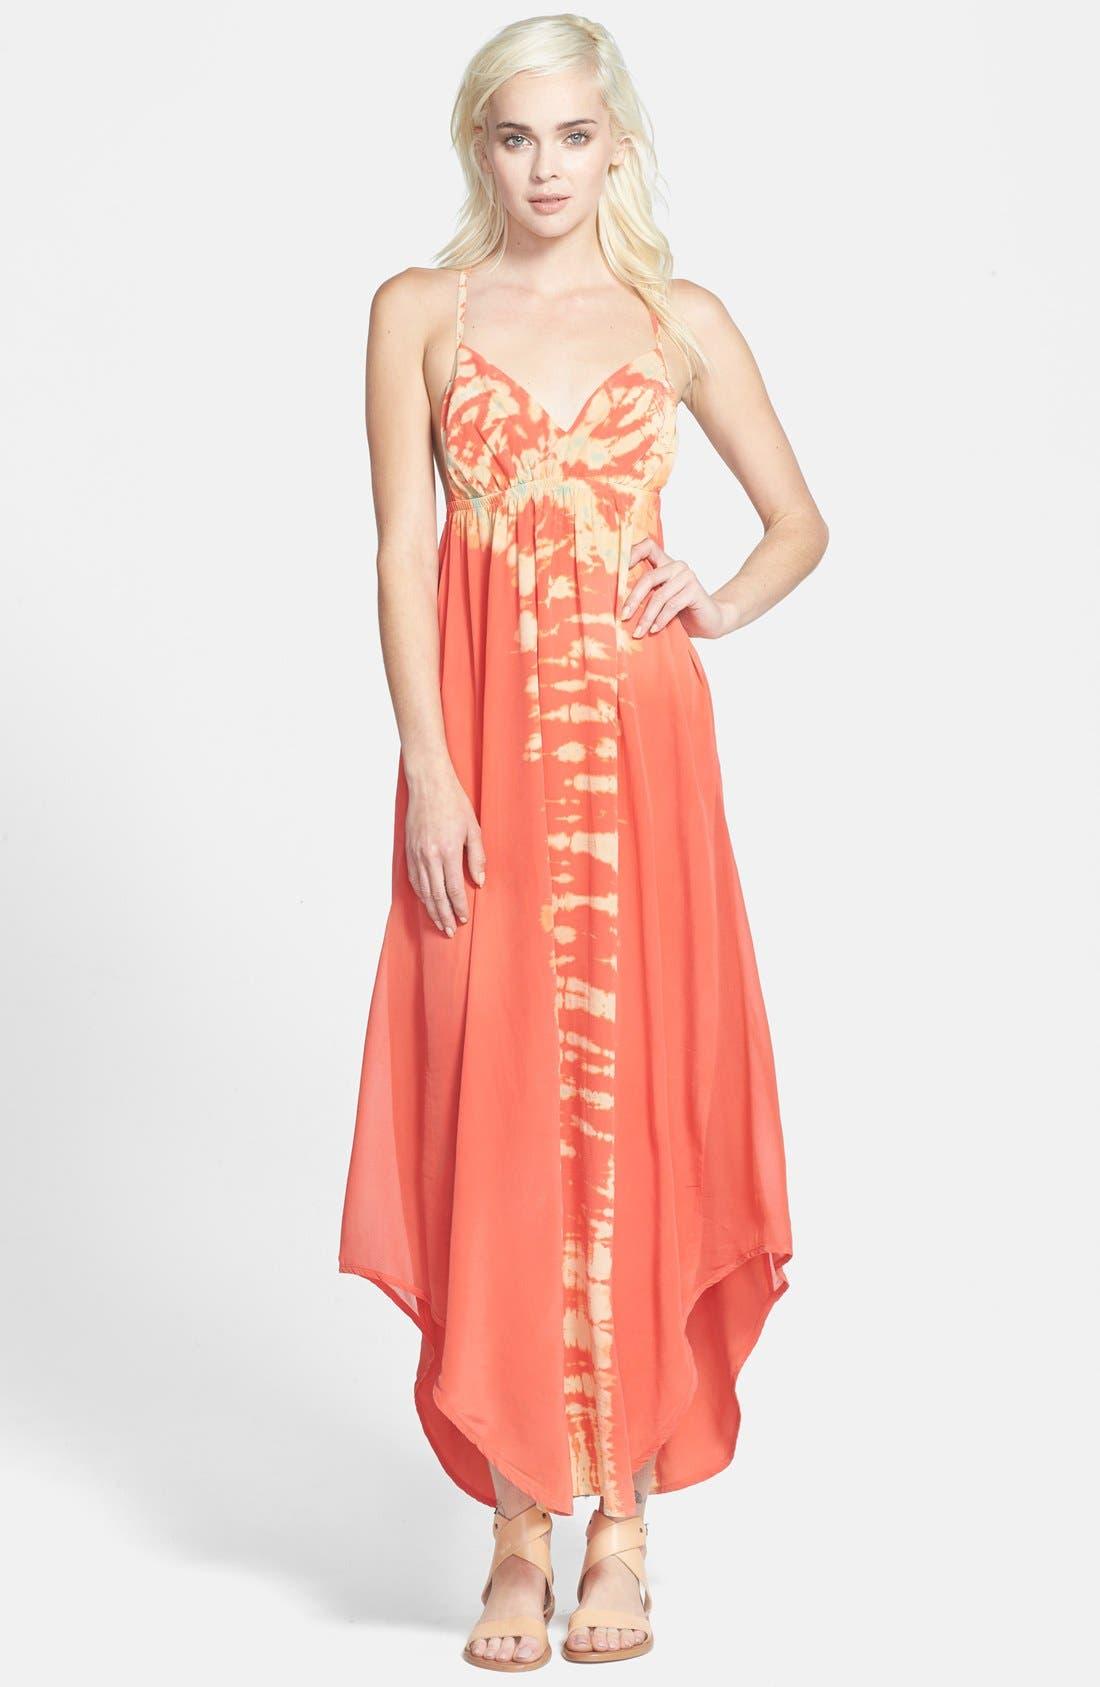 Main Image - Gypsy 05 Strappy Tie-Dye Maxi Dress